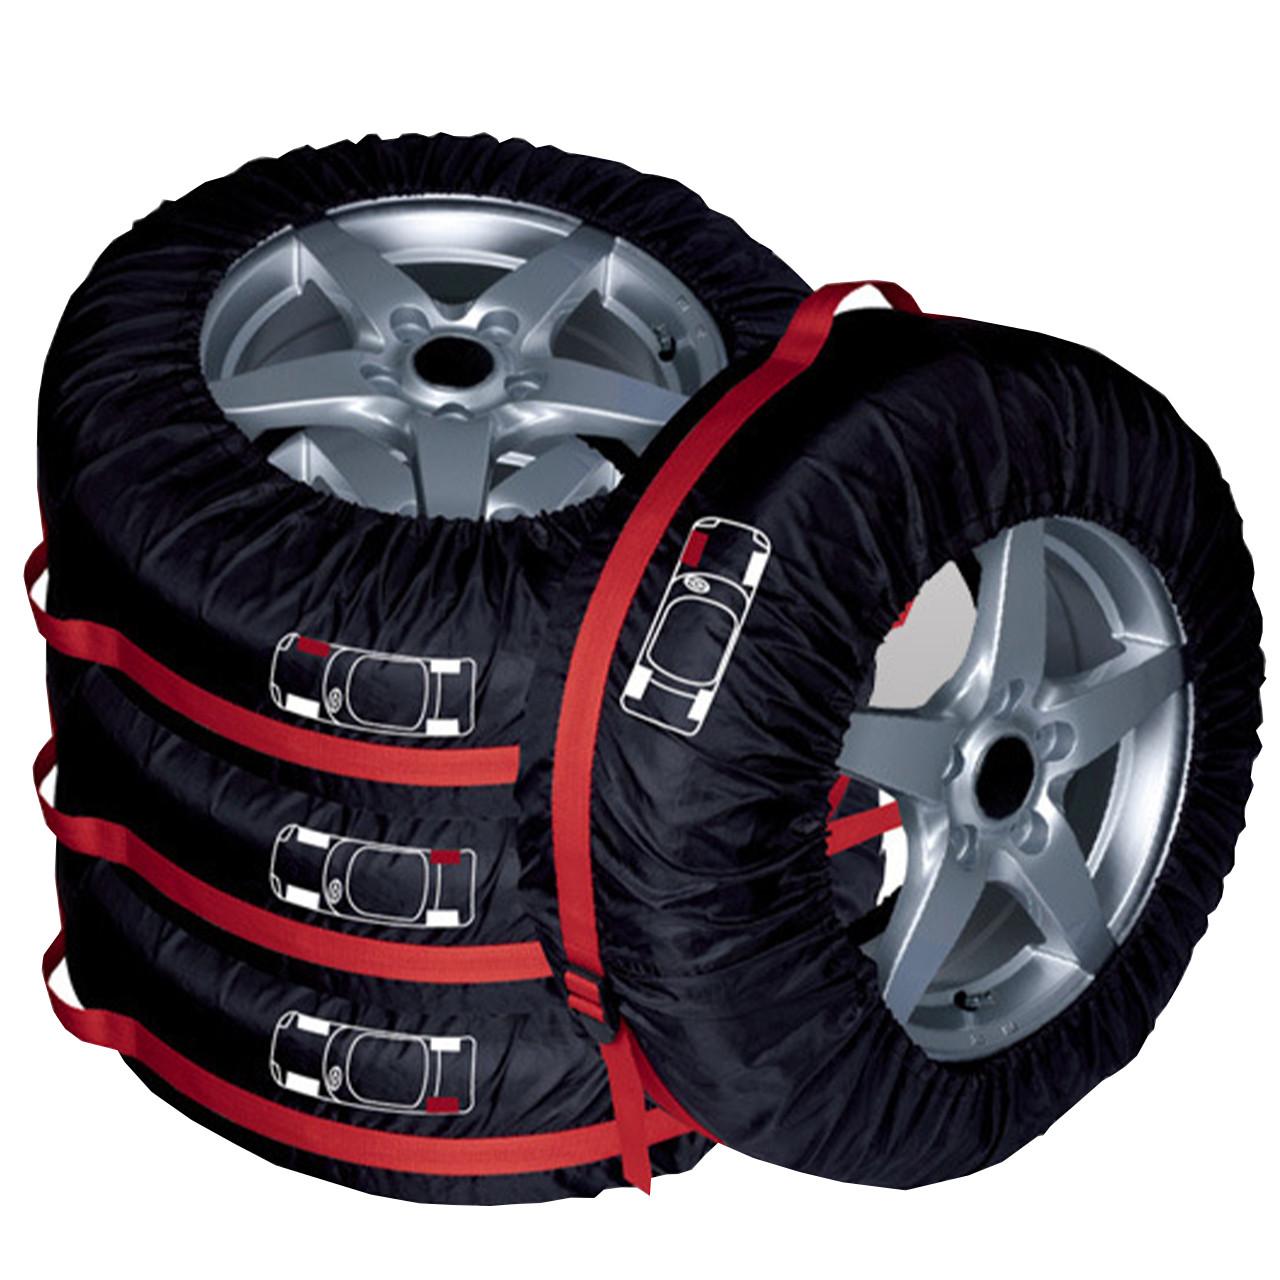 Комплект чехлов на колесо автомобиля Auto Care FJCZ-001 4 шт Черный  (2940-8809)